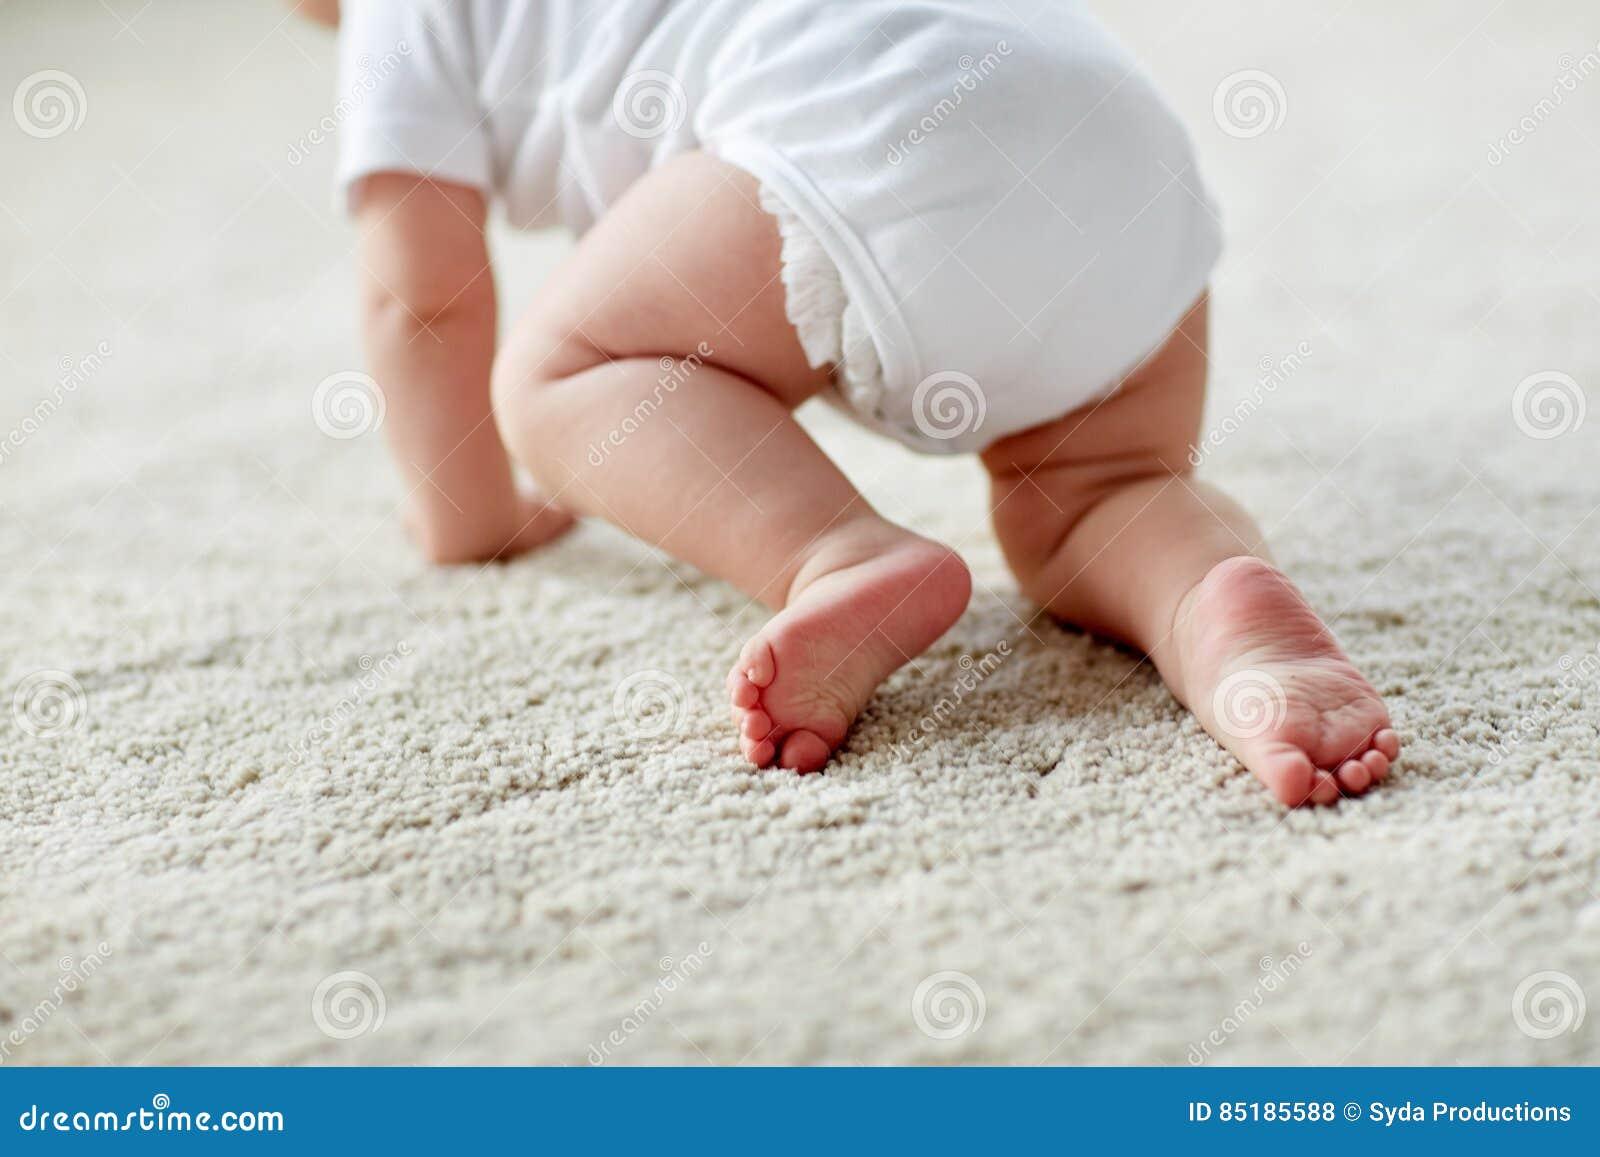 在家爬行在地板上的尿布的小婴孩